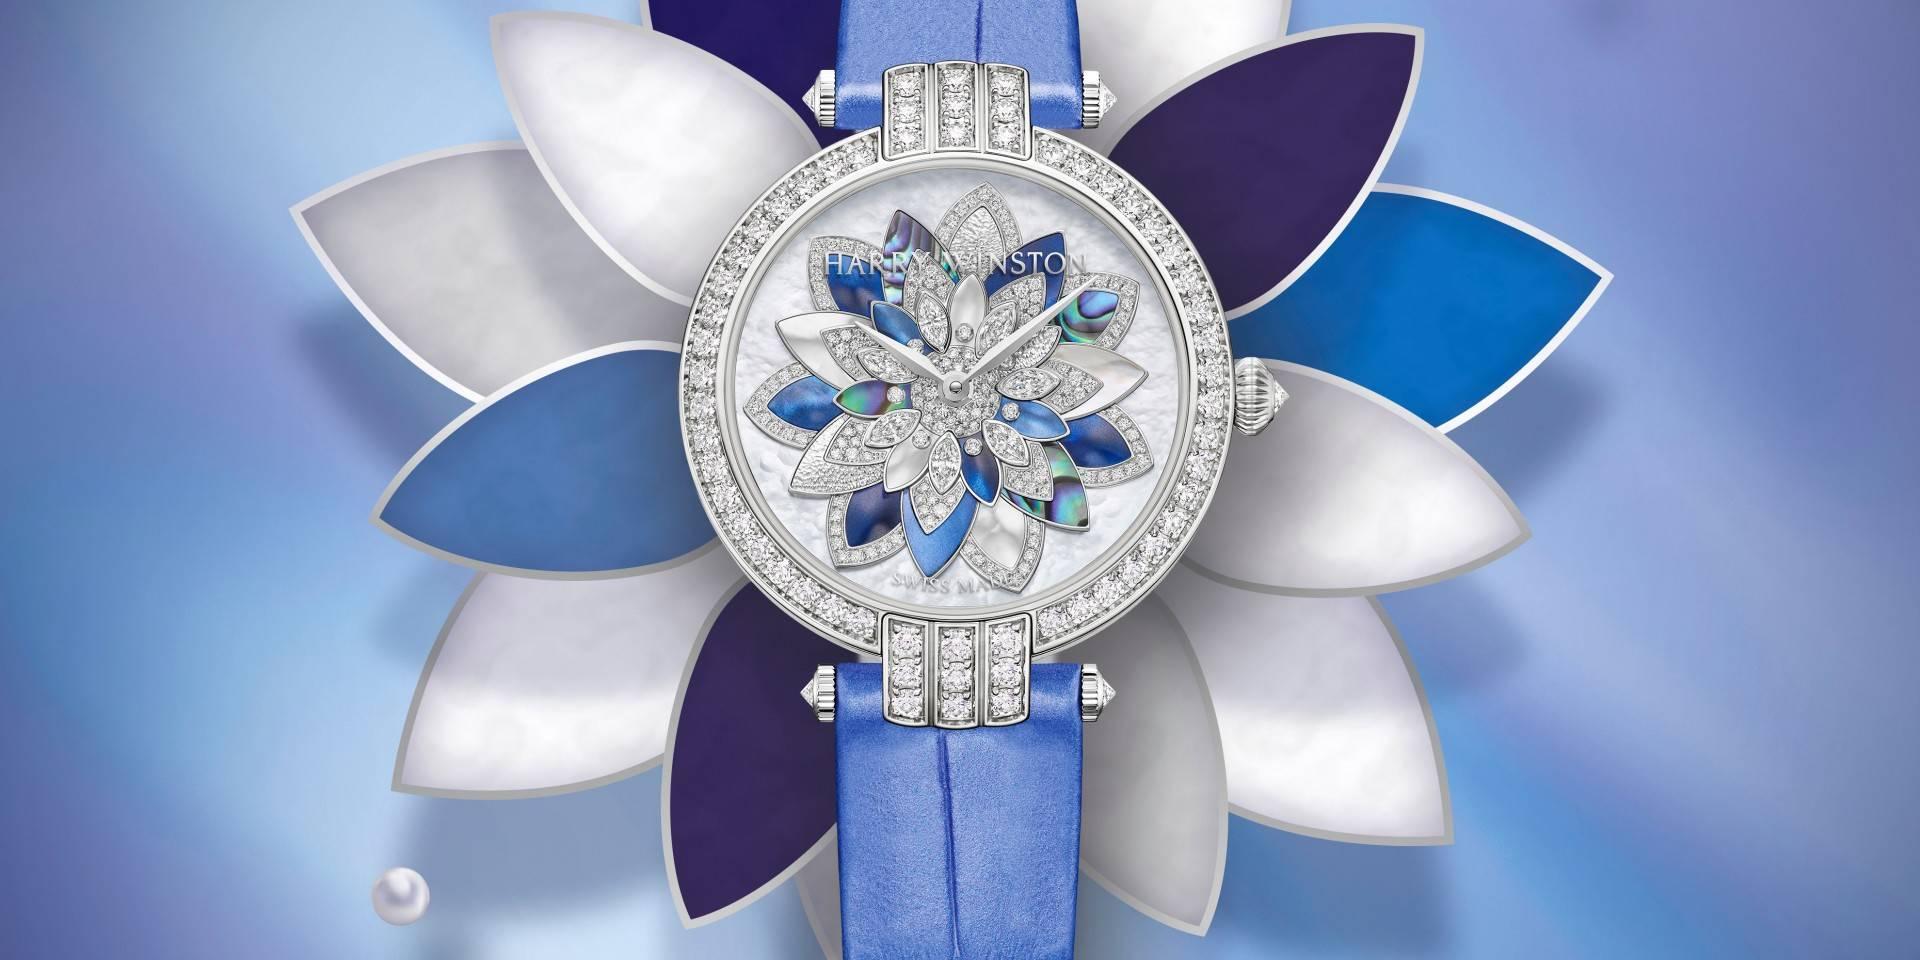 清新脫俗,綻放精華:海瑞溫斯頓Premier卓時系列Lotus 31 毫米自動腕錶